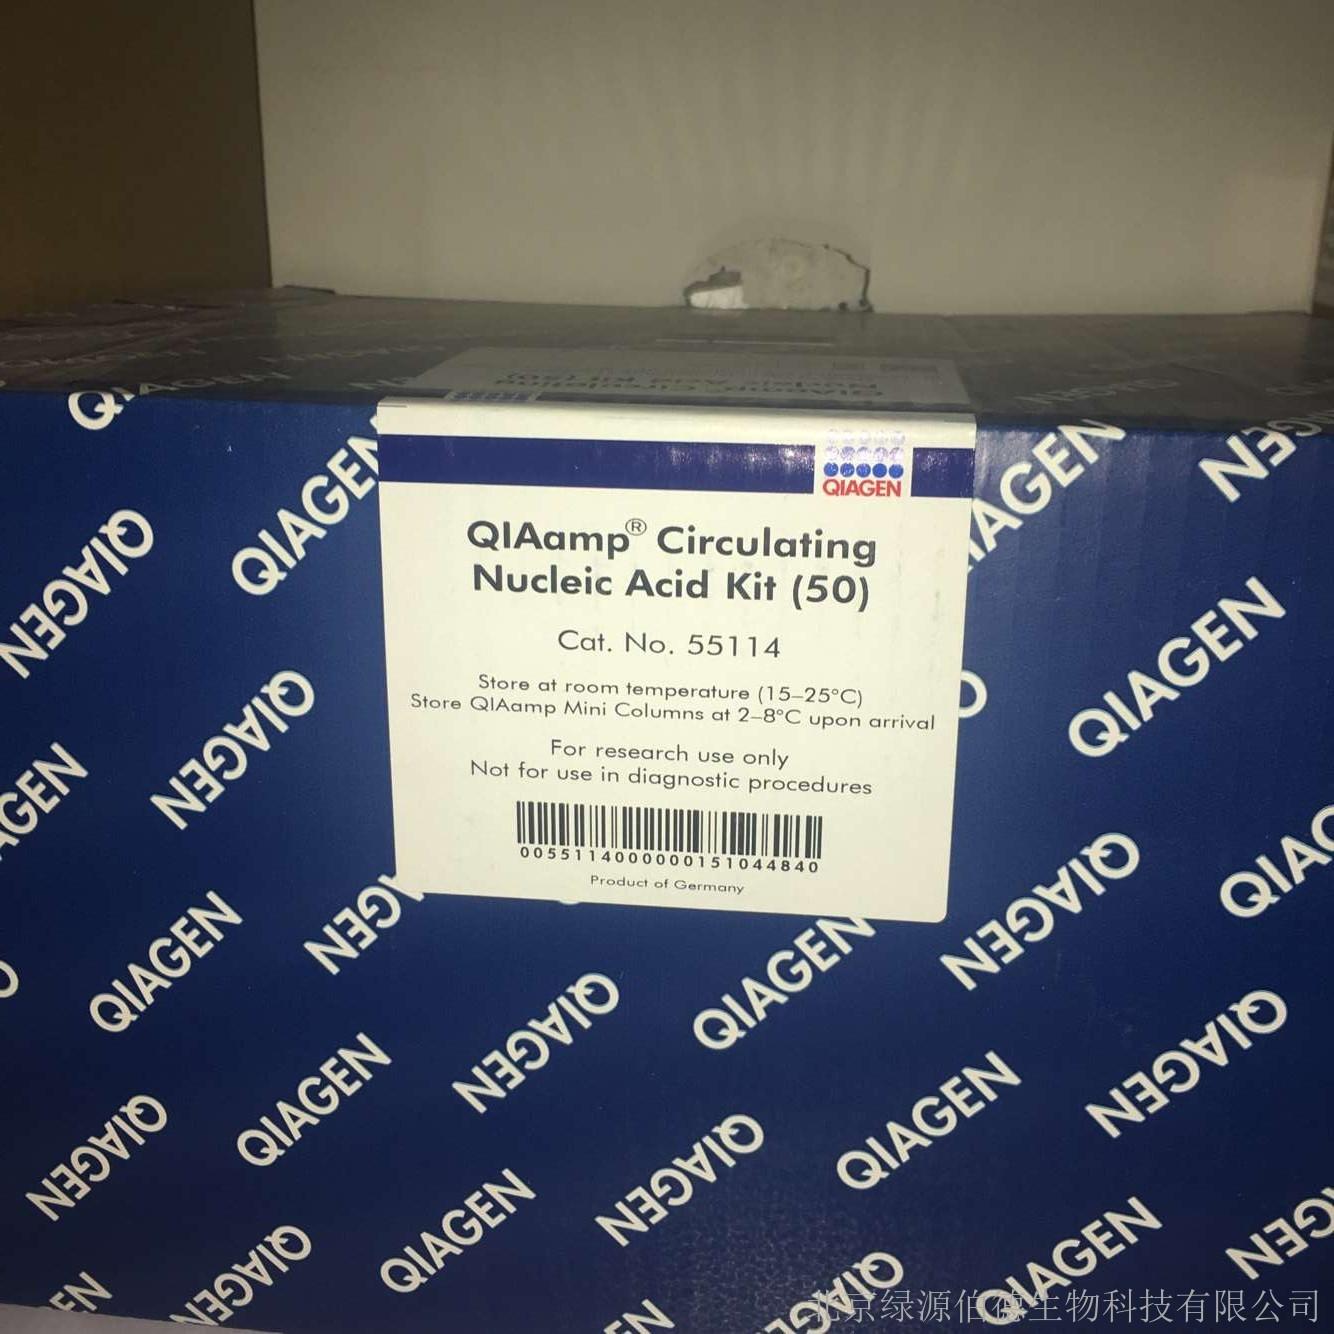 北京现货Qiagen74034 RNeasy Plus Micro Kit (50) - 北京绿源伯德生物科技有限公司